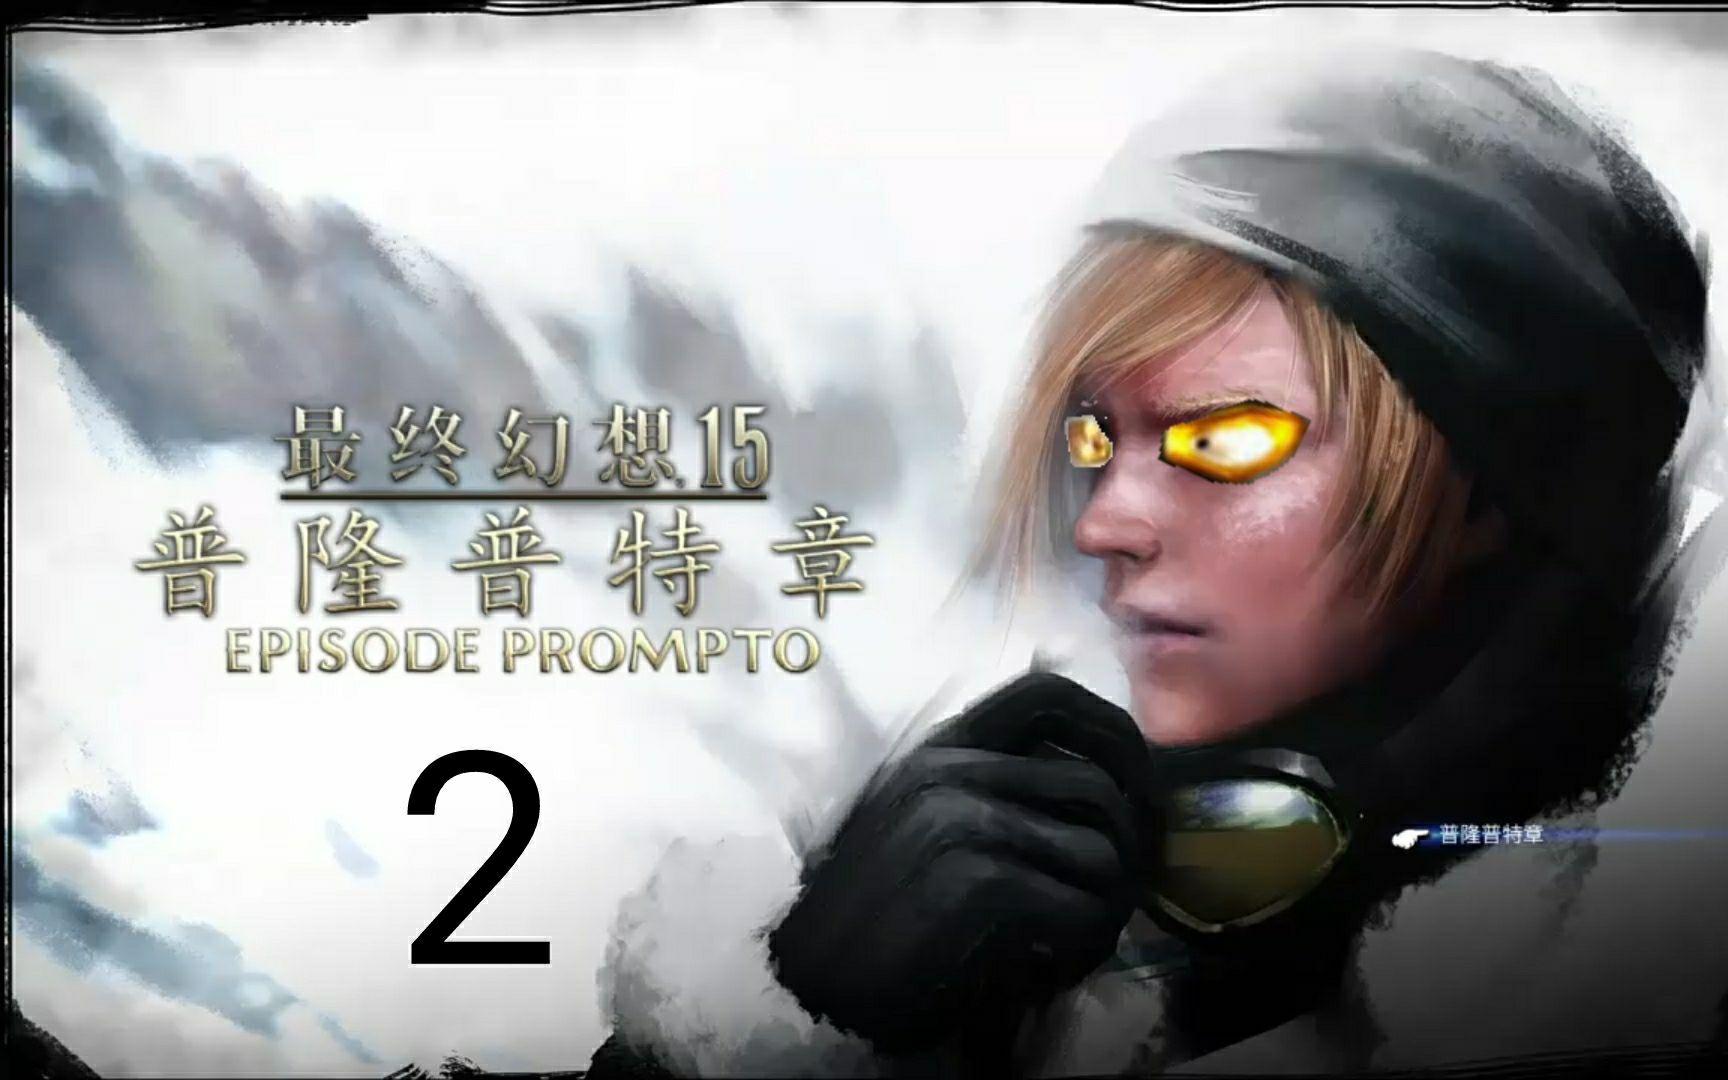 最终幻想15dlc普隆普特章手残嗑药流娱乐流程(后篇)图片